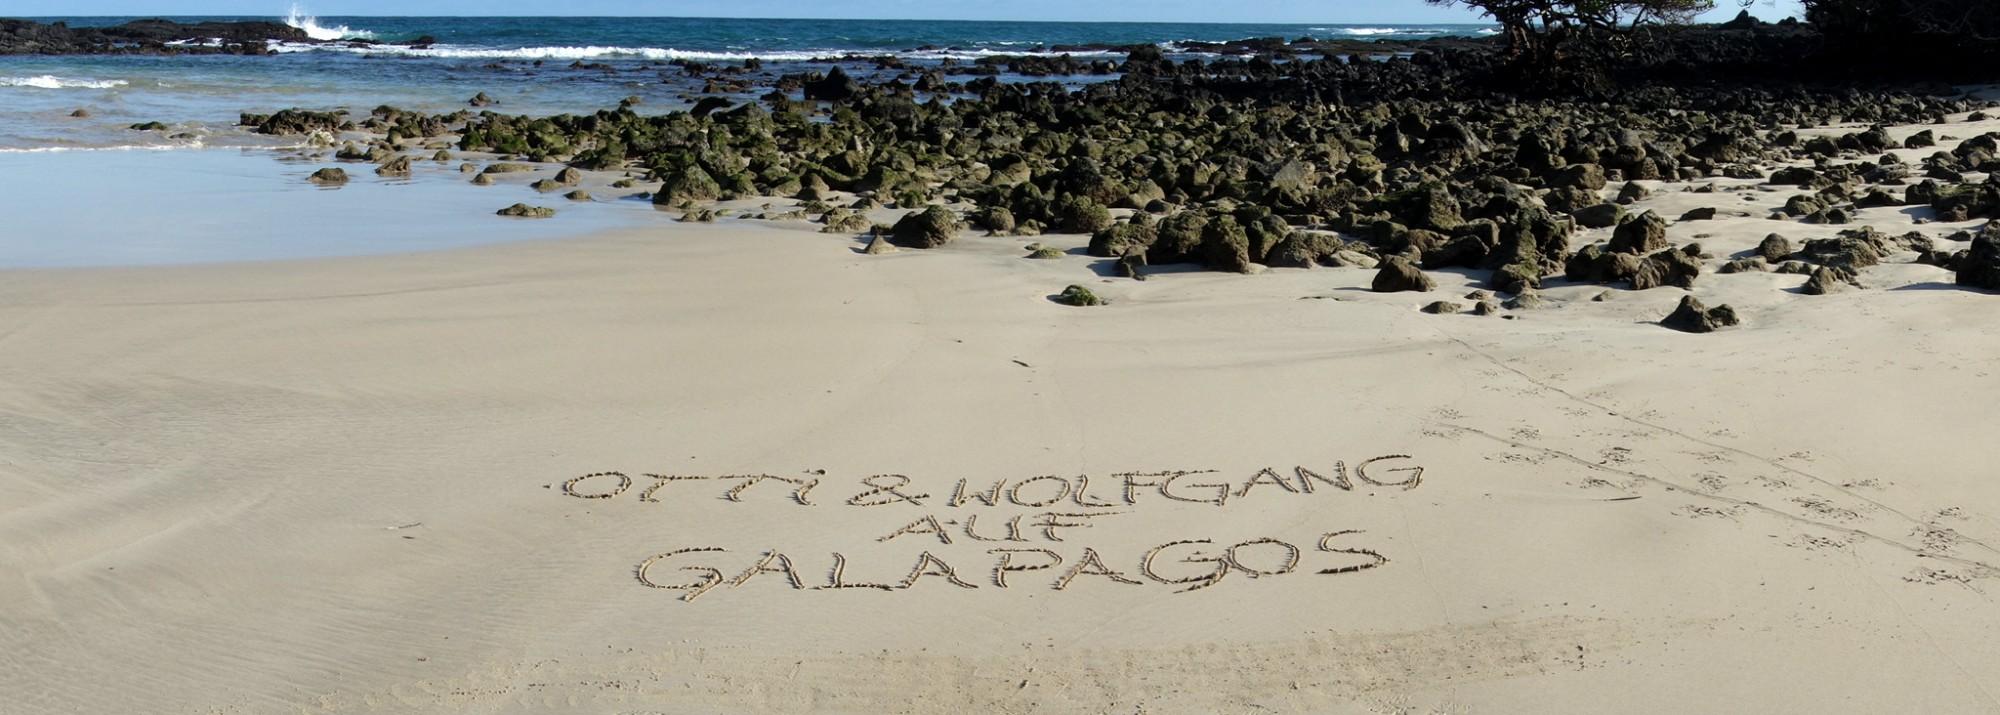 Otti & Wolfgang auf Galapagos - Ein Traum geht in Erfüllung